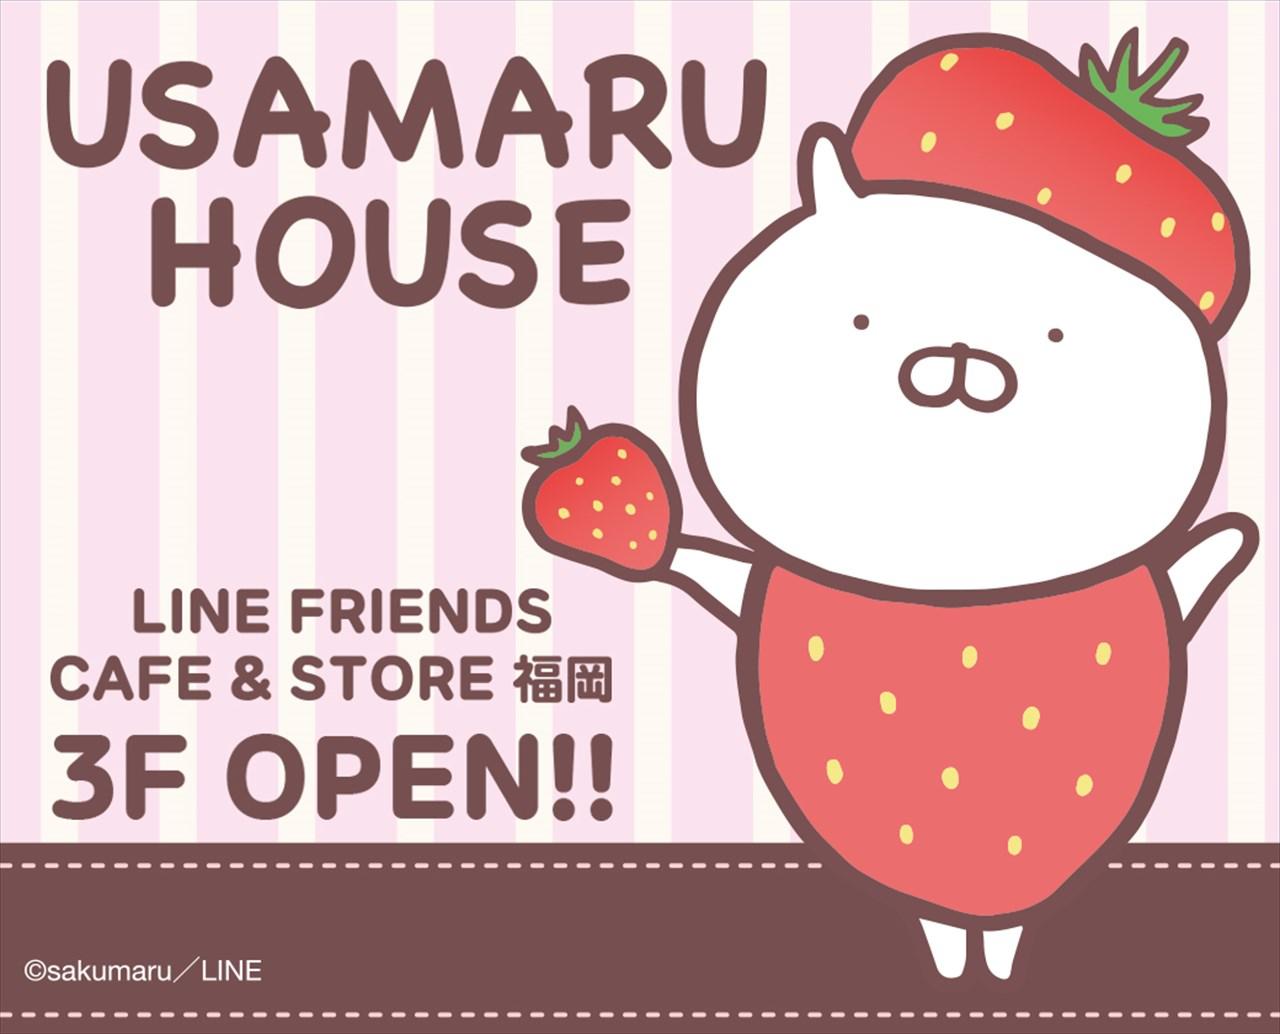 うさまるハウス Usamaru House オープン 公式グッズストアが12 17 Line Friends Cafe Store 福岡 3階に開店 限定品も 画像あり スマホクラブ